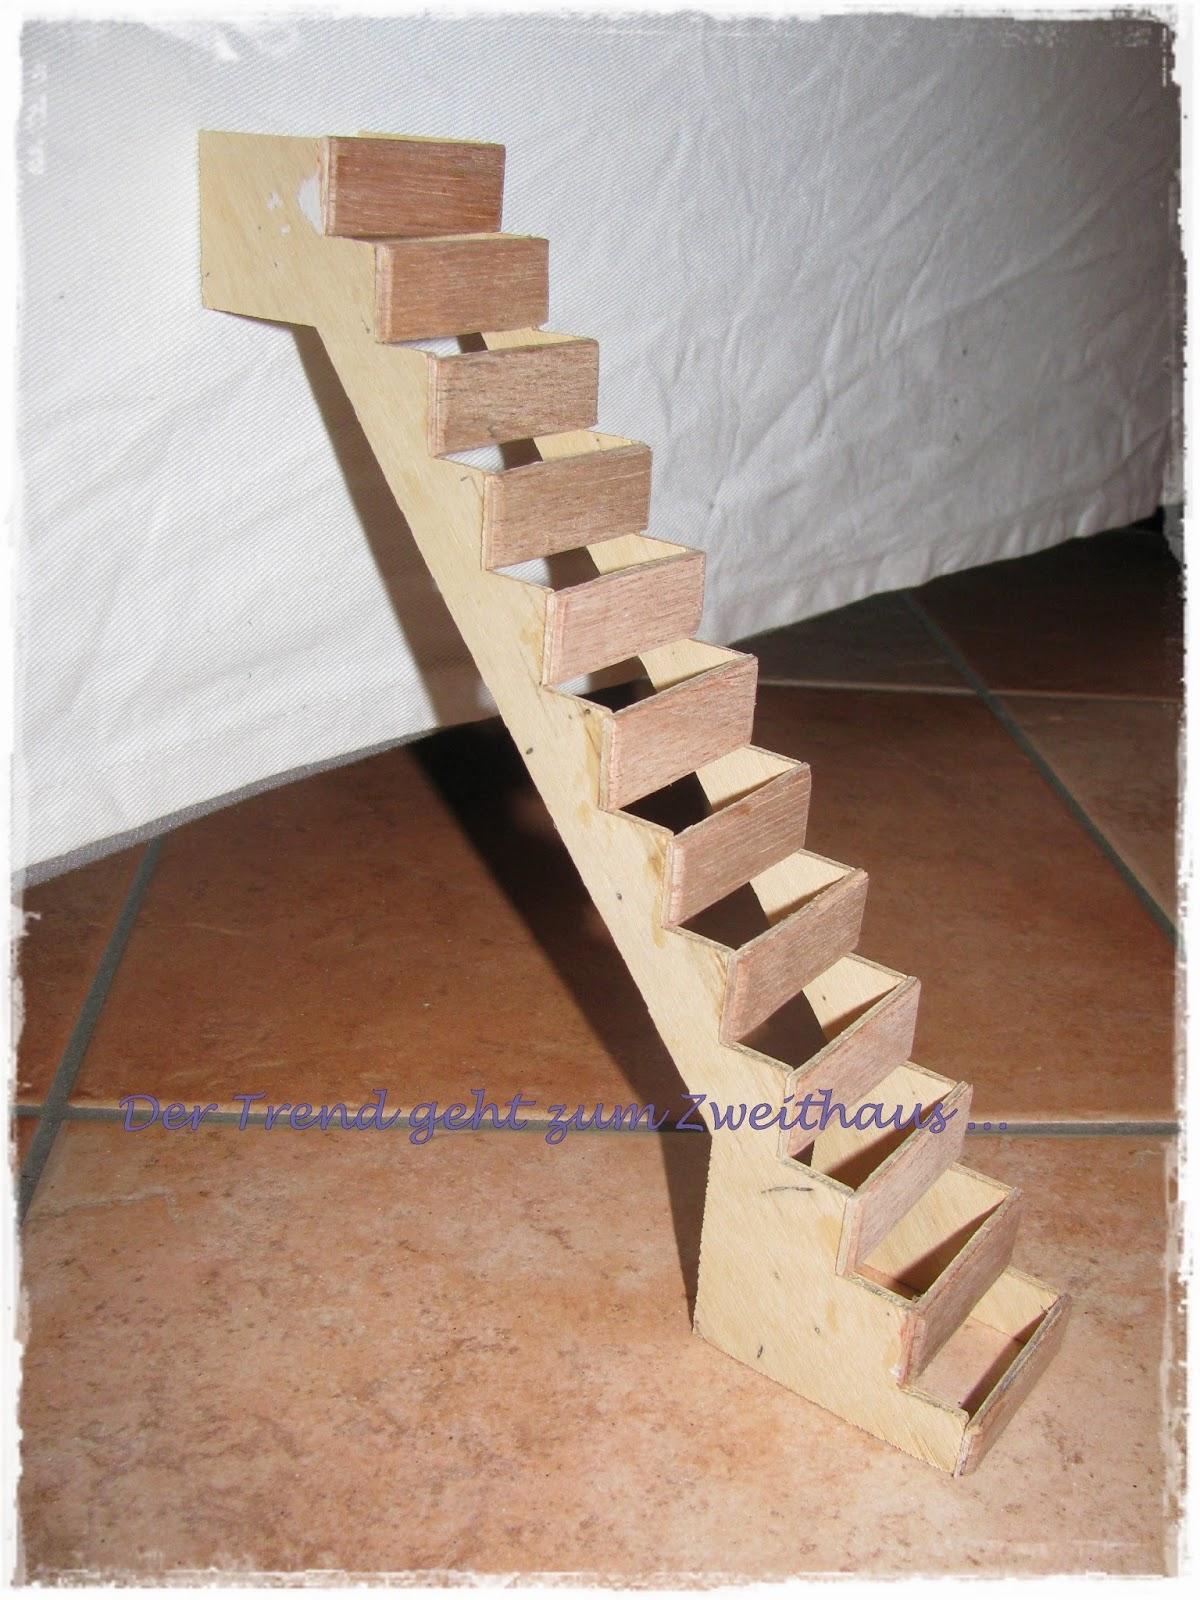 der trend geht zum zweithaus die treppe nr 2. Black Bedroom Furniture Sets. Home Design Ideas